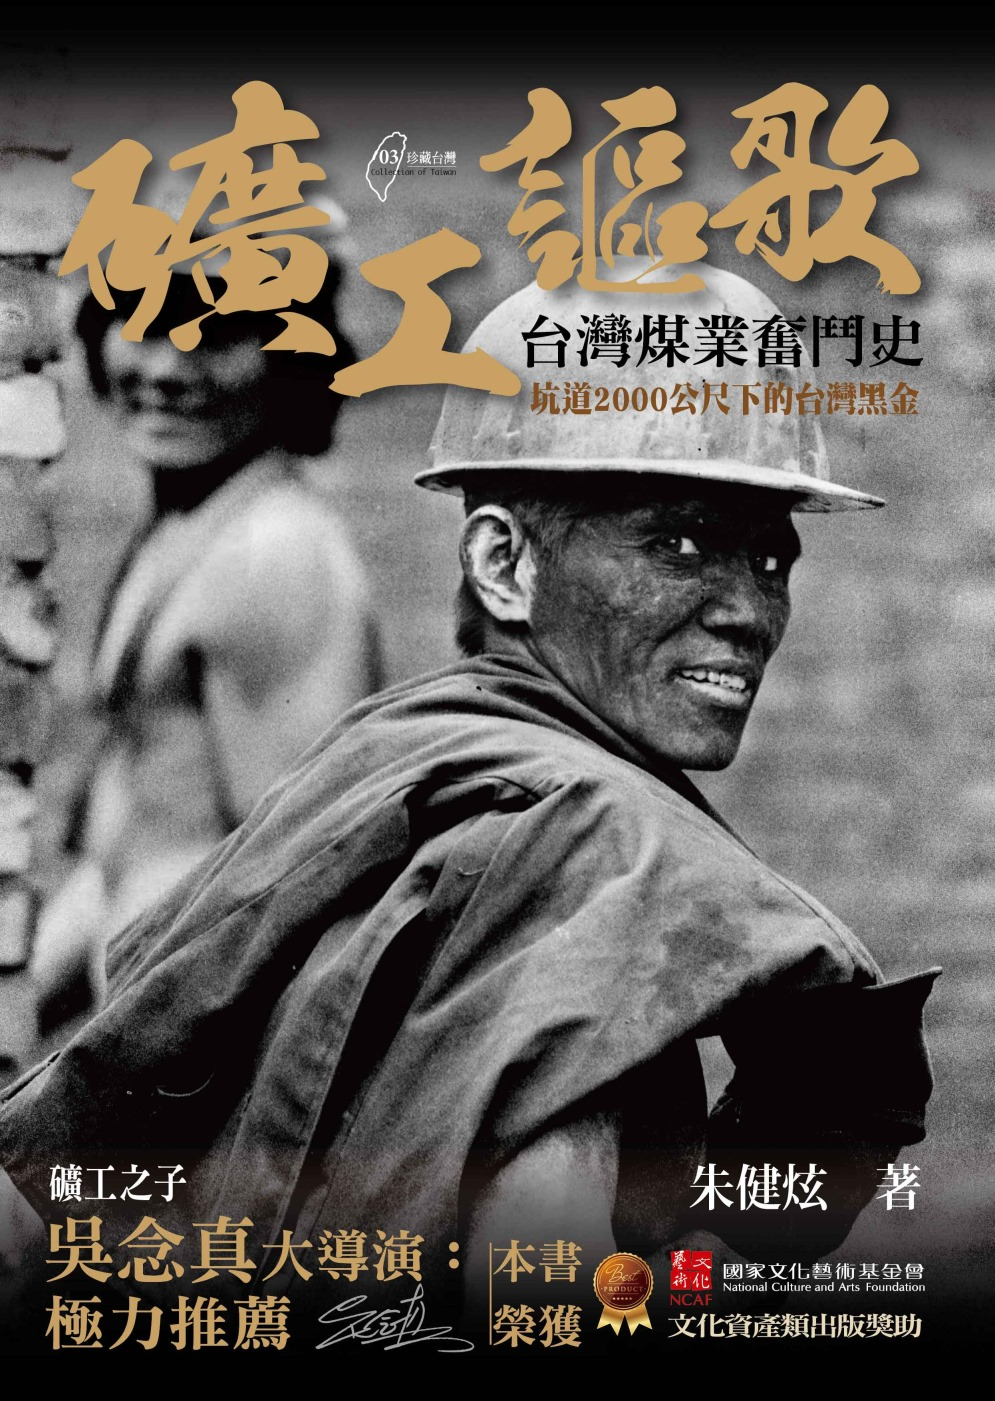 《礦工謳歌:台灣煤業奮鬥史》 商品條碼,ISBN:9789869457927